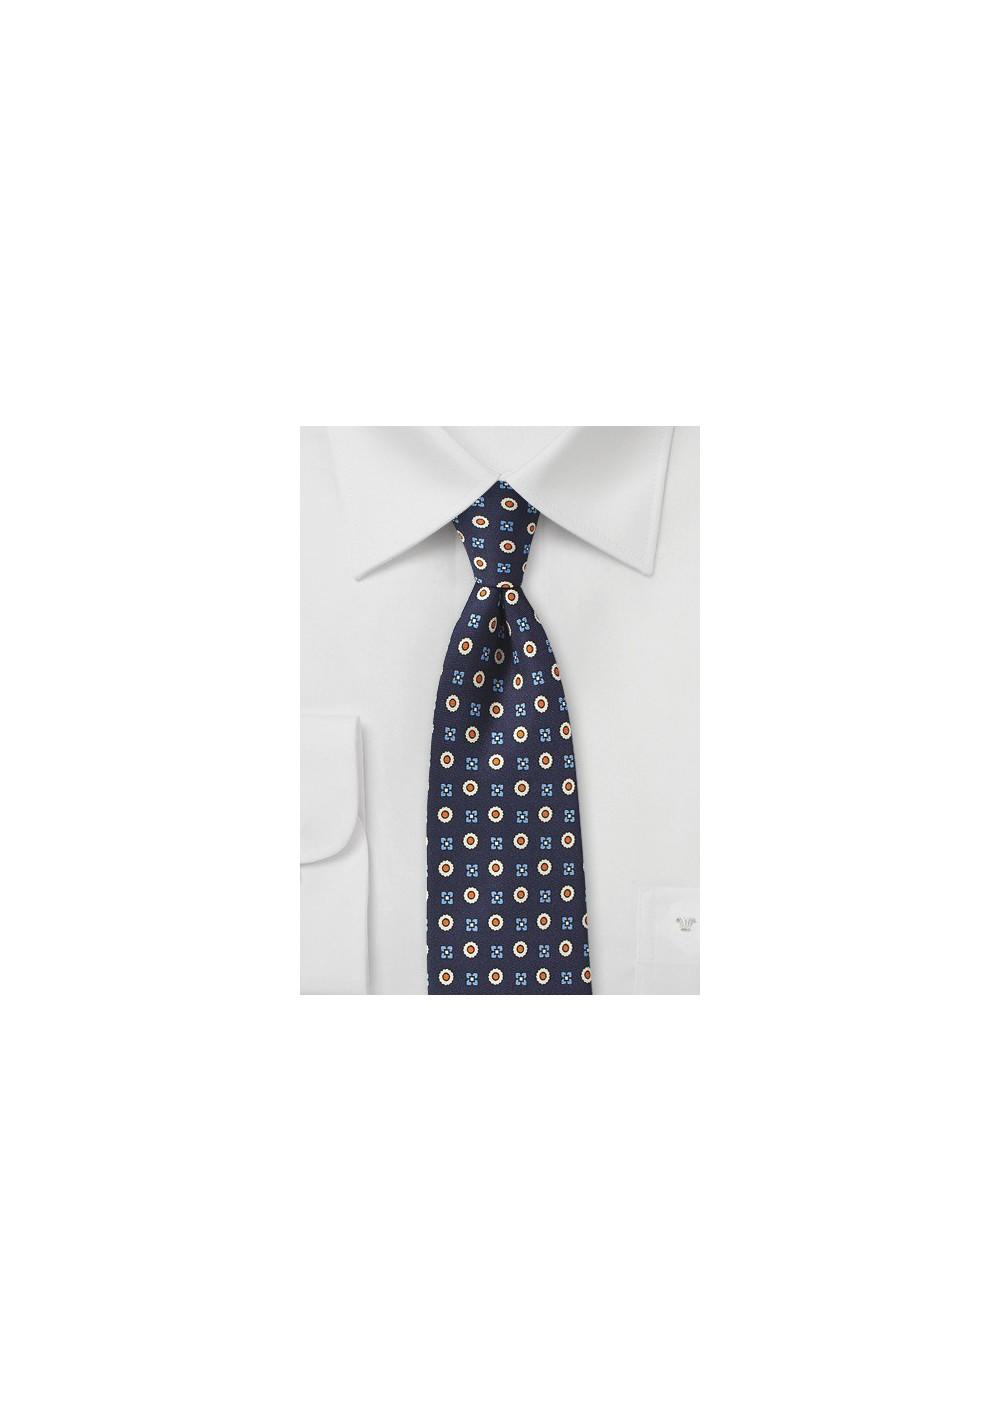 Elegant Foulard Print Tie in Blue, Orange, and Beige